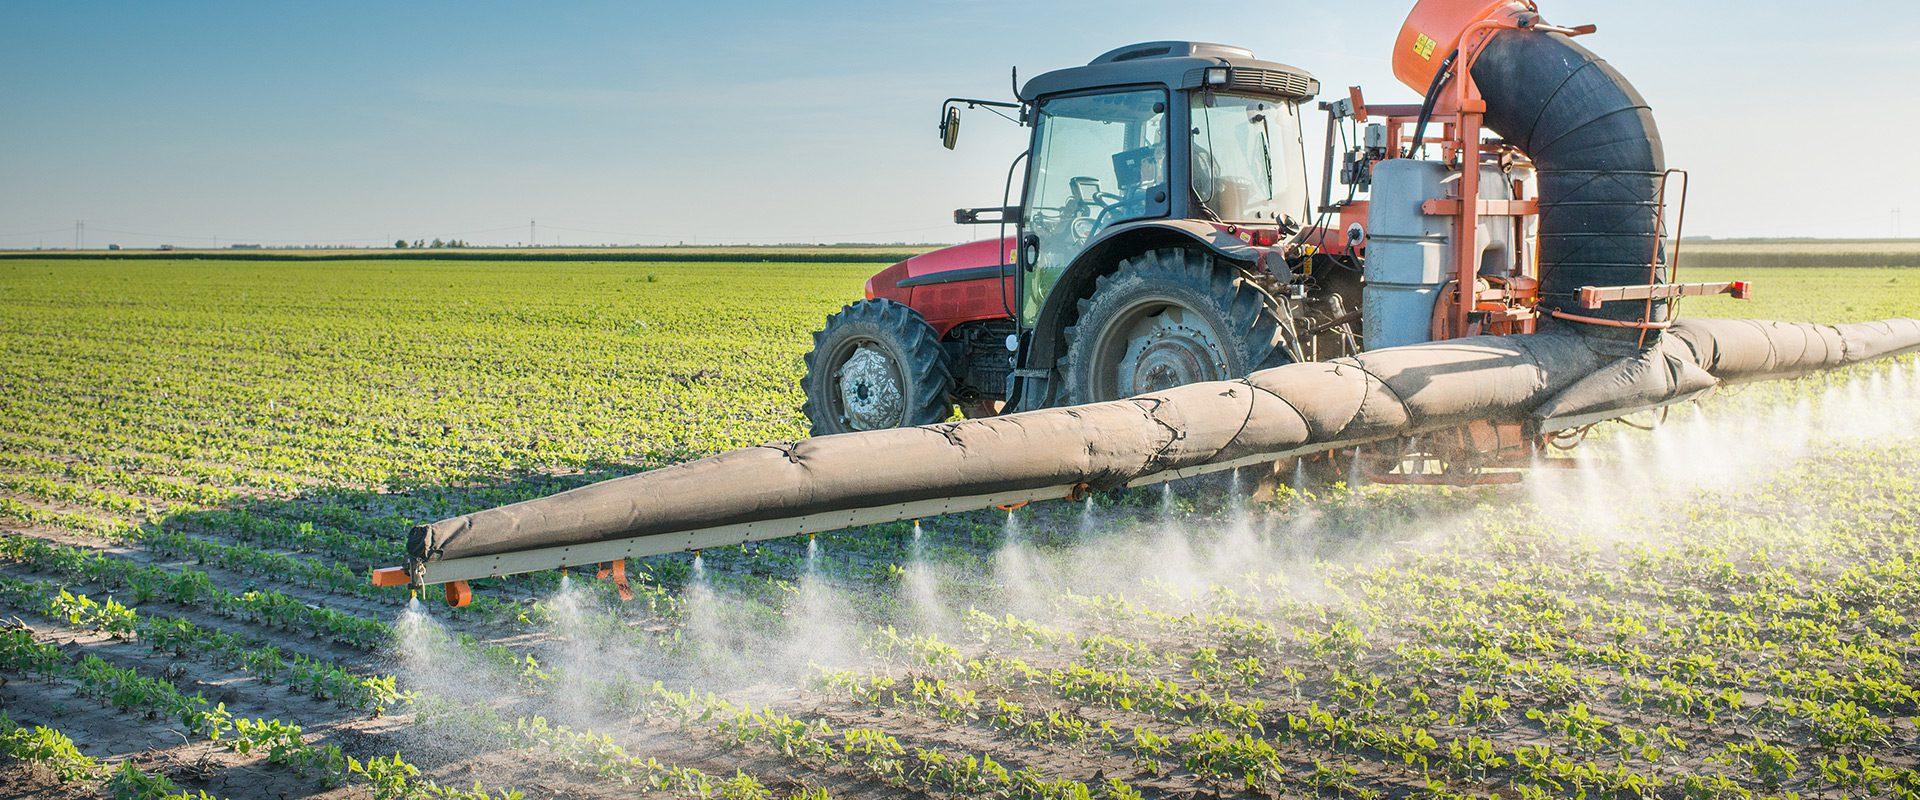 Curso defensivos agrícolas em Uberlândia